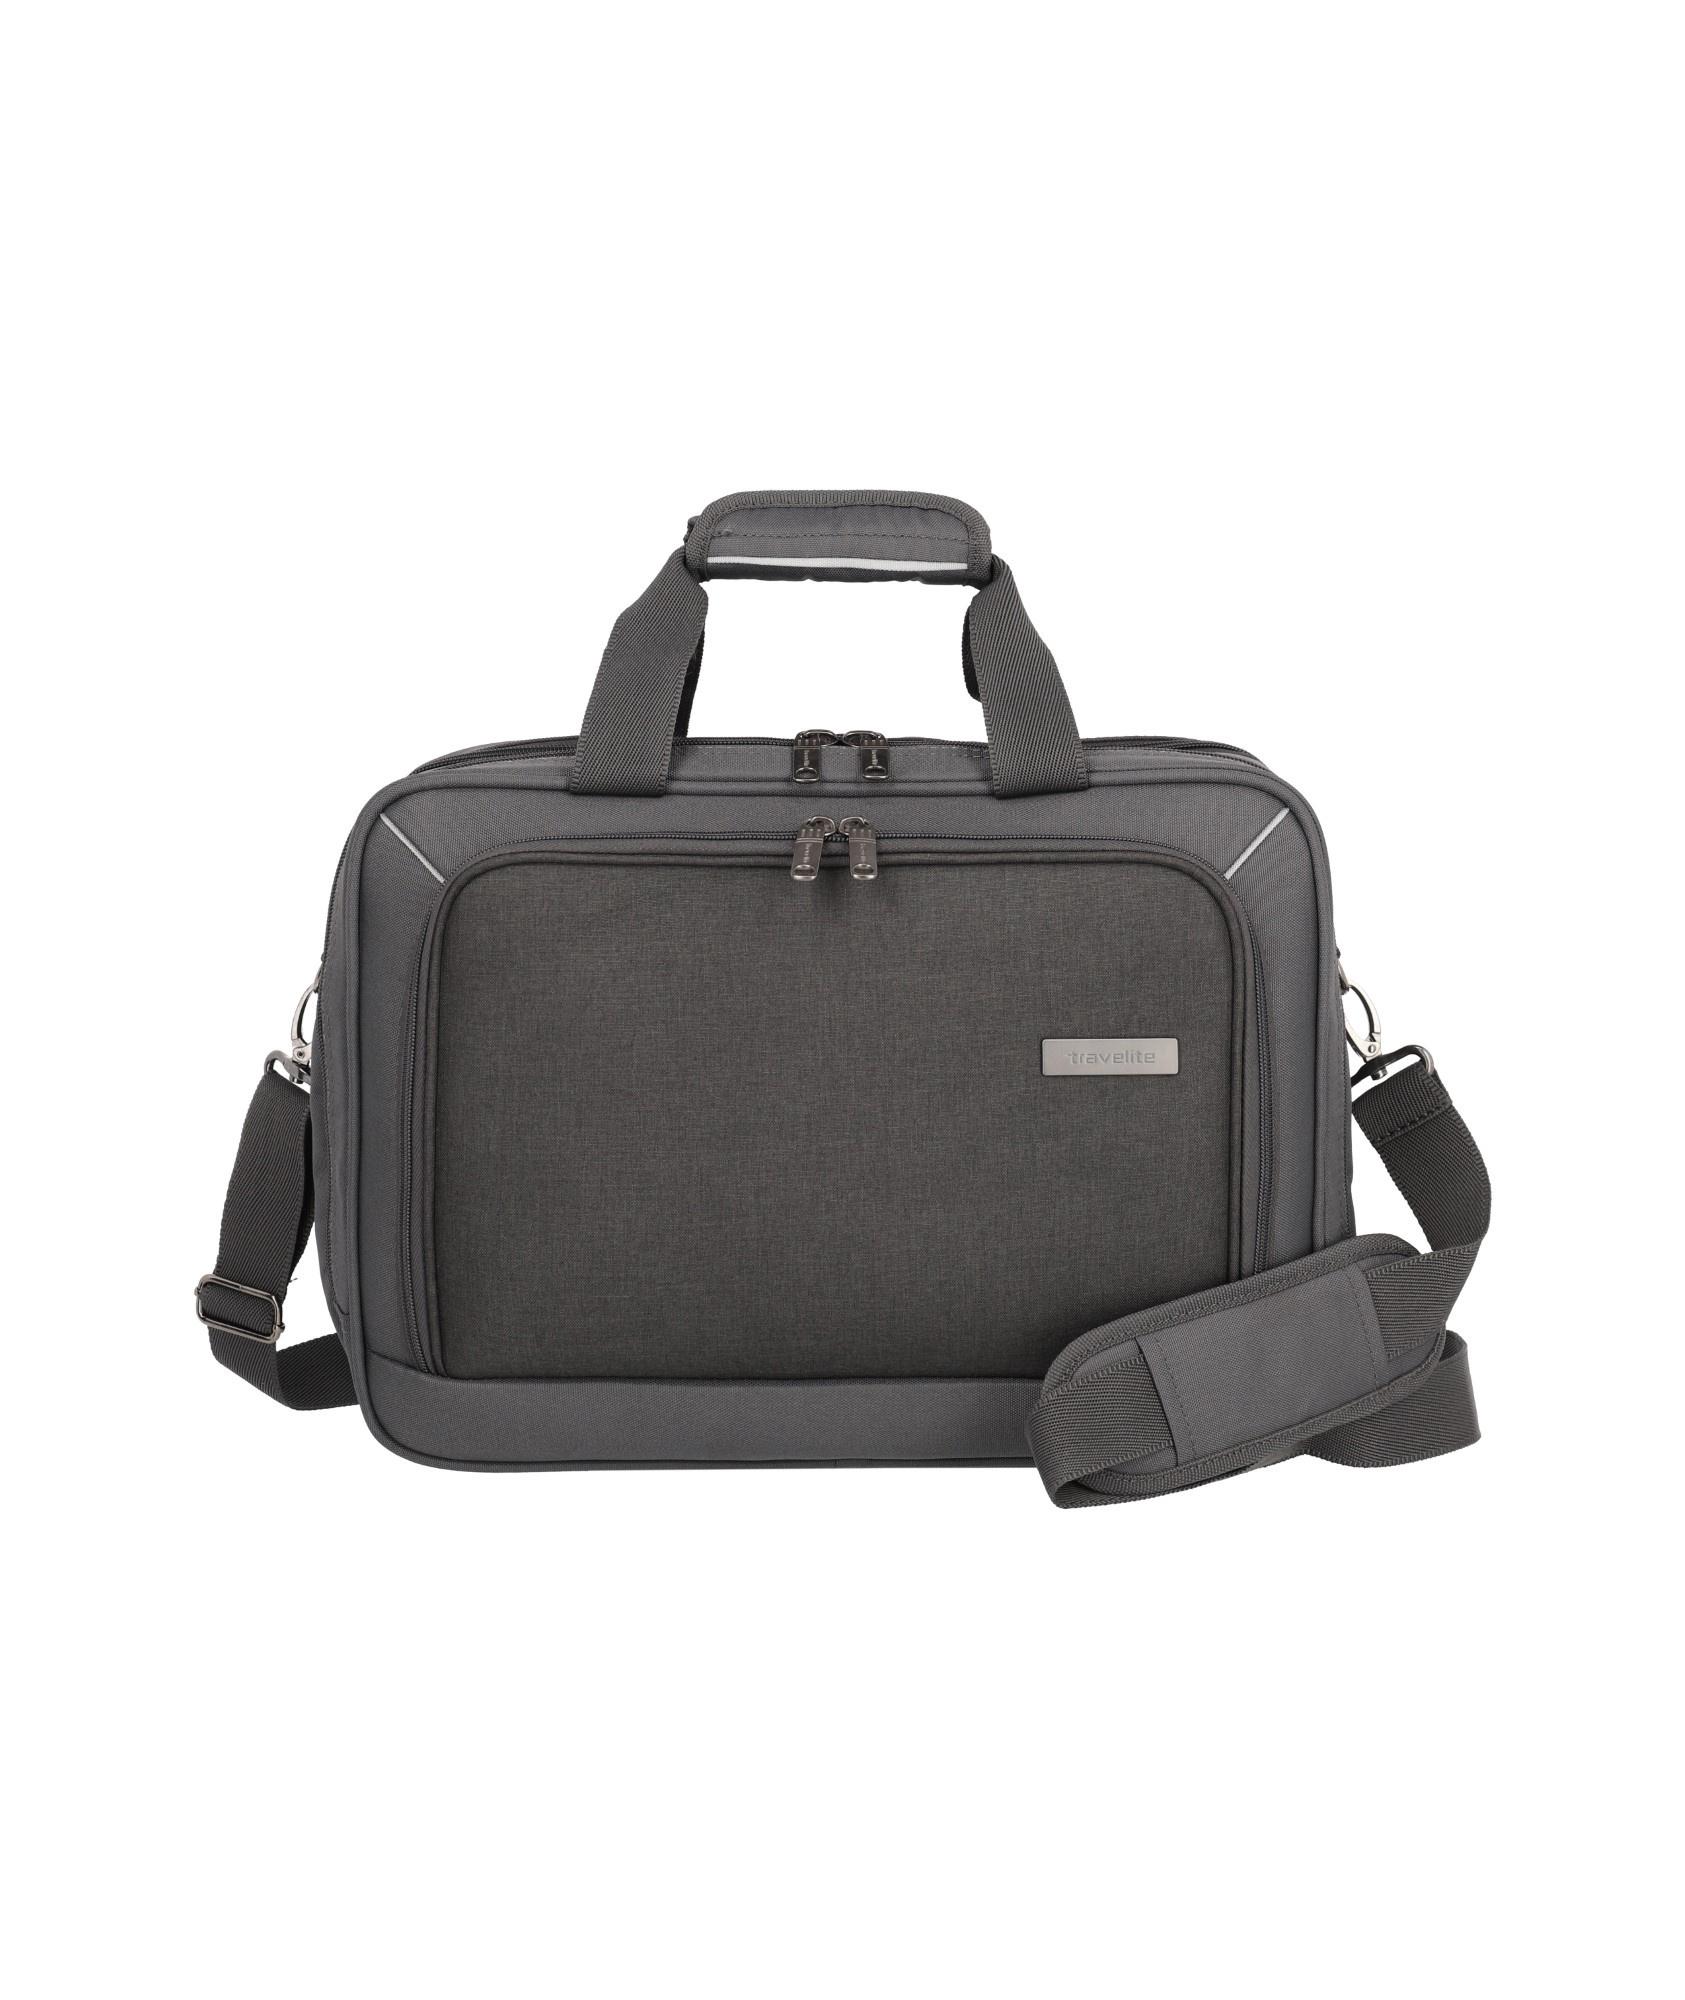 Travelite Arona Boardbag 090244 Antracite